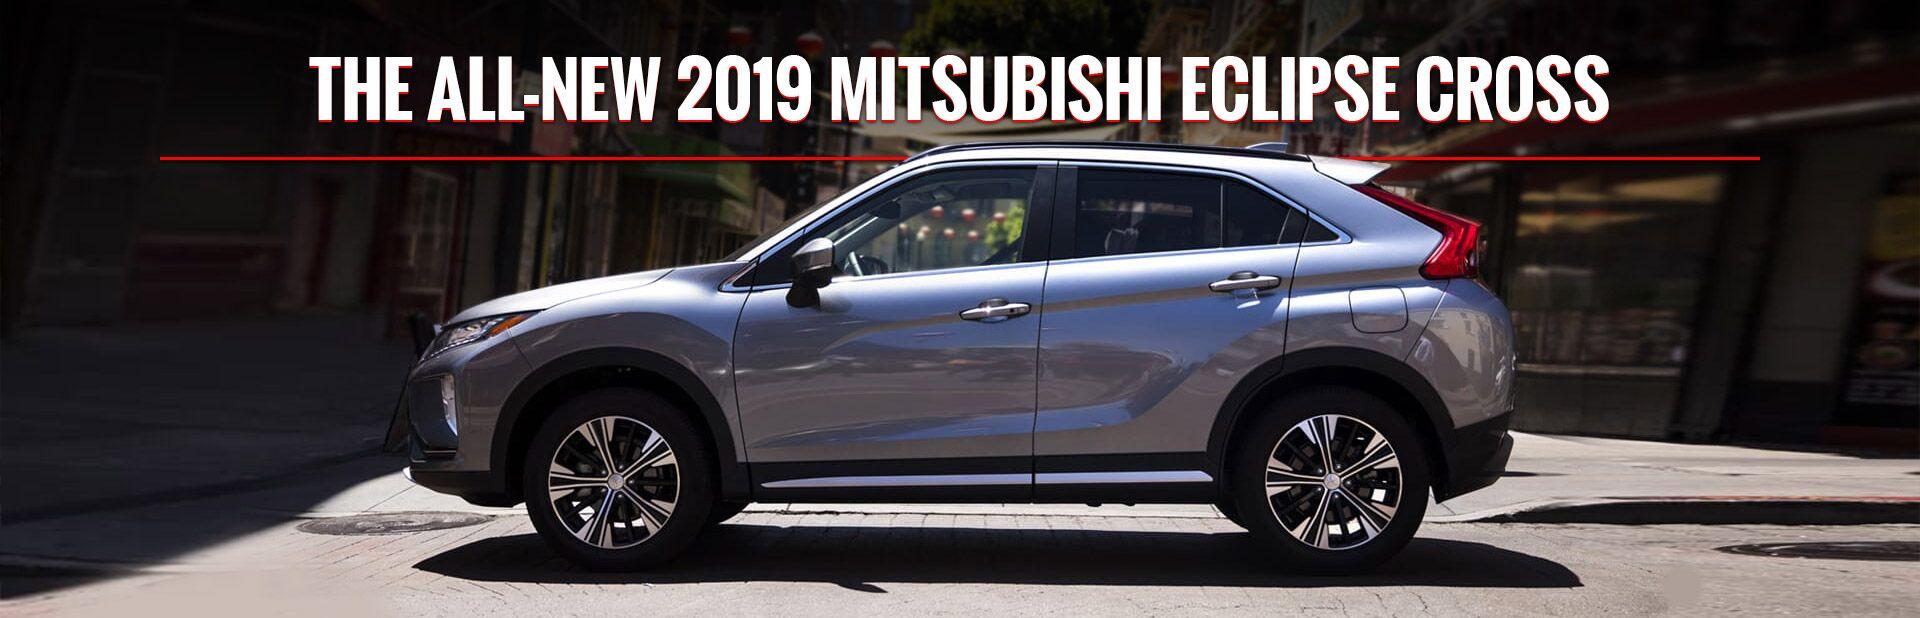 Mitsubishi Dealership Cerritos CA | Used Cars Cerritos